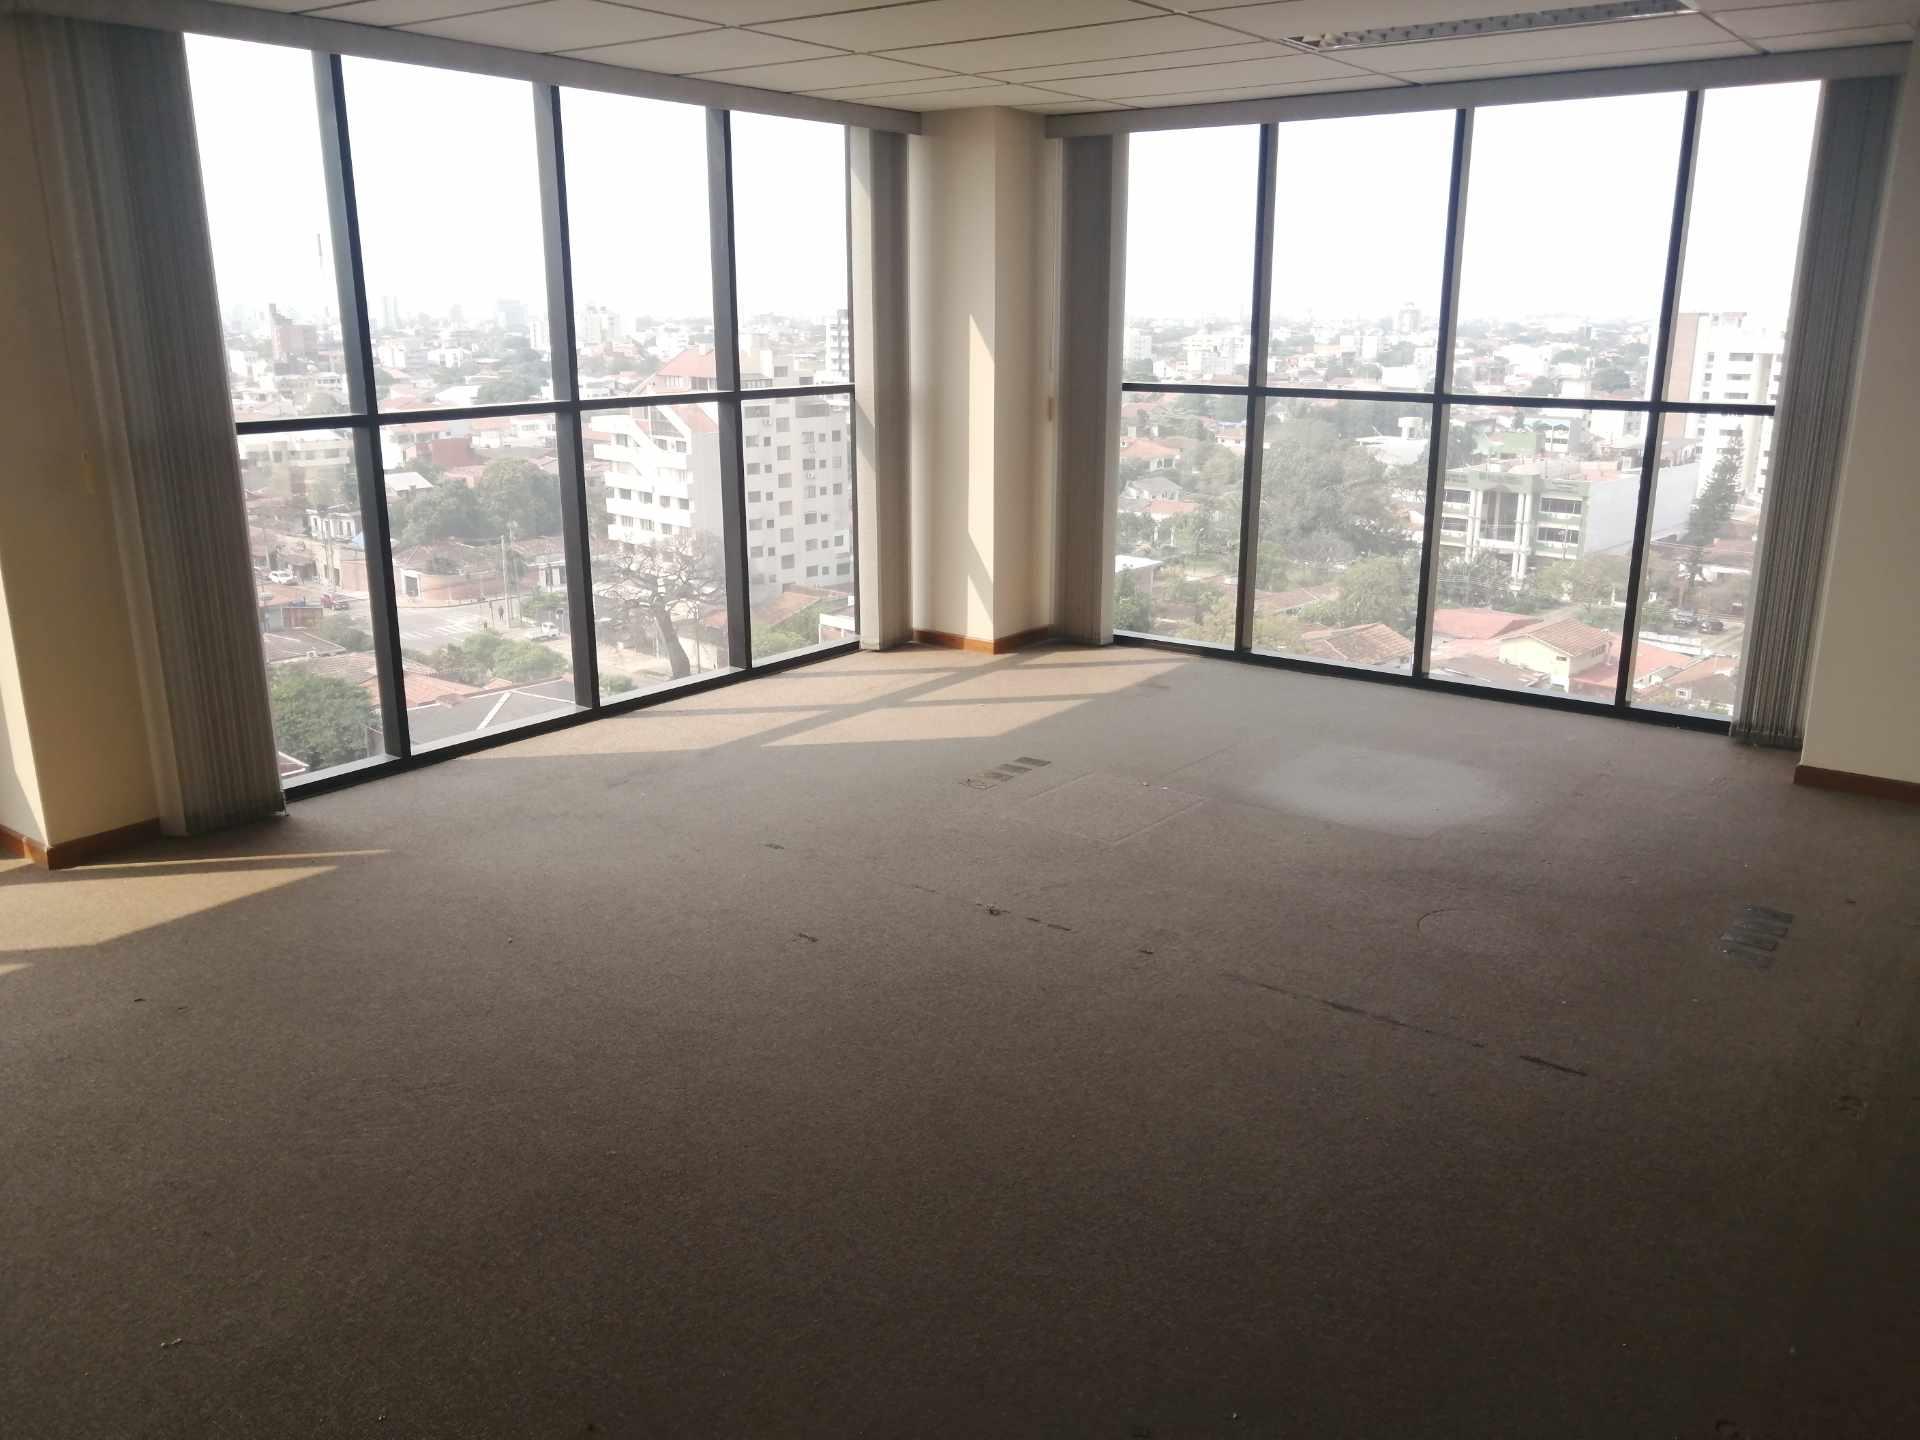 Oficina en Venta Torre Empresarial Cainco Foto 2